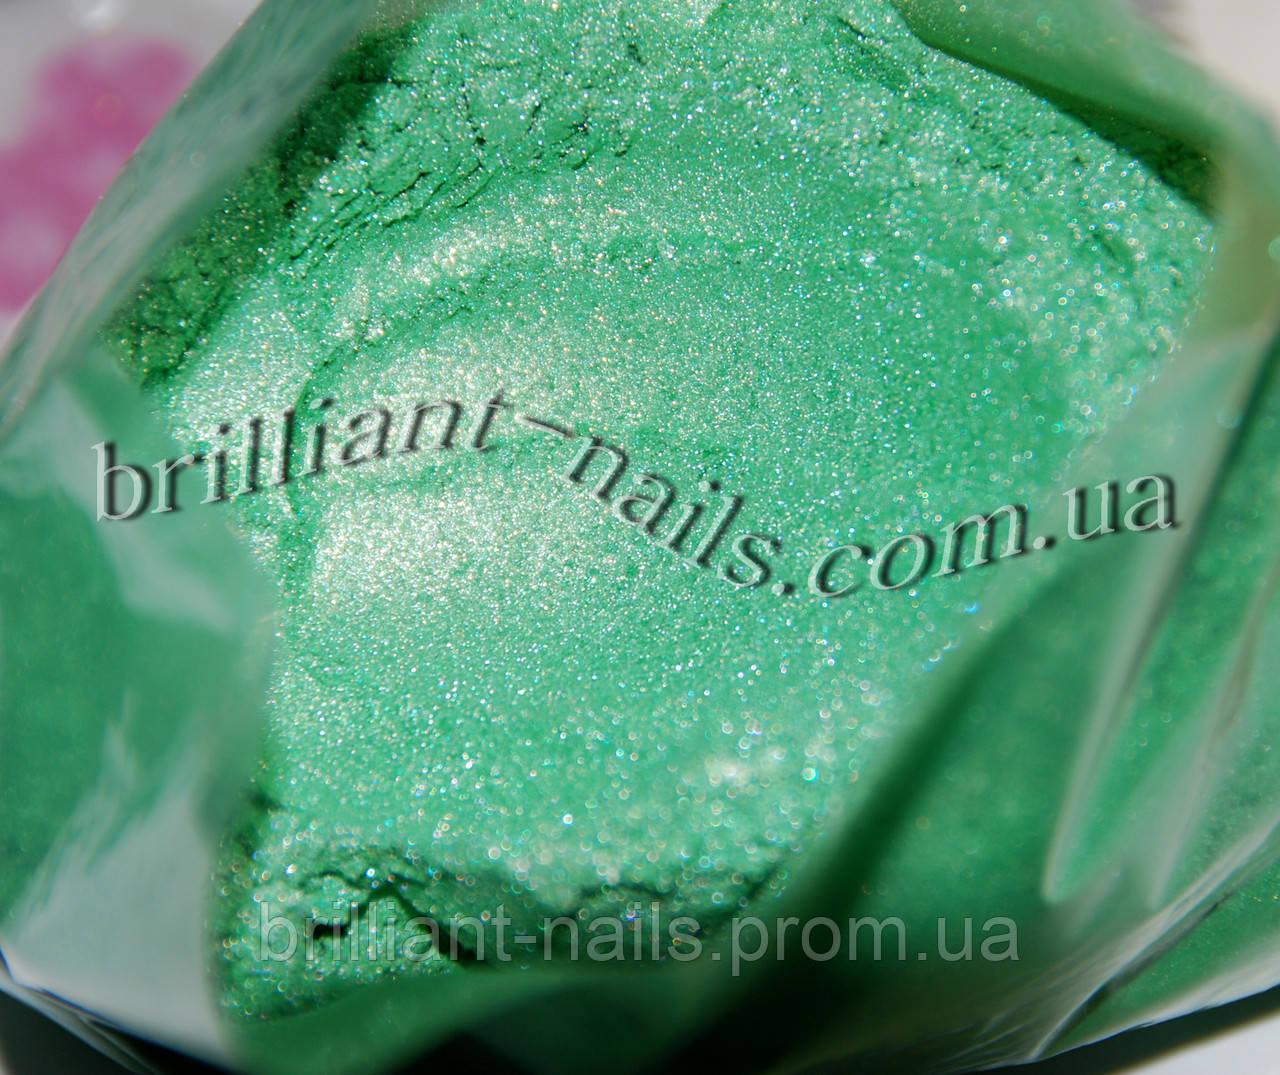 Перламутровый пигмент зеленый светлый /мятный  (2.5г)